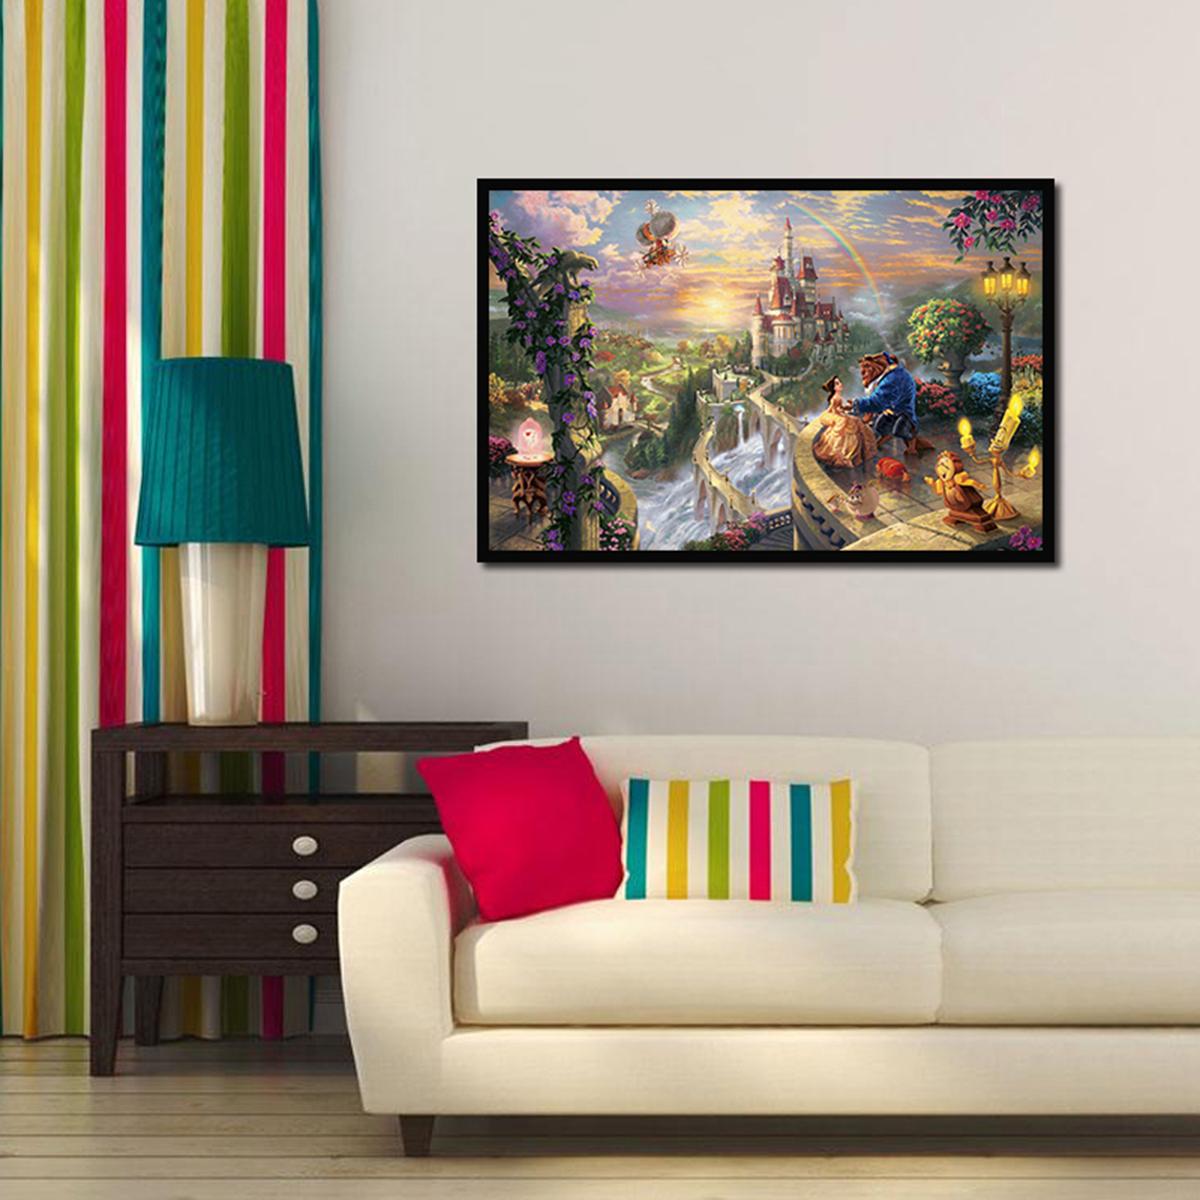 peinture huile toile paysage belle b te art mural d cor salon maison bureau mode. Black Bedroom Furniture Sets. Home Design Ideas